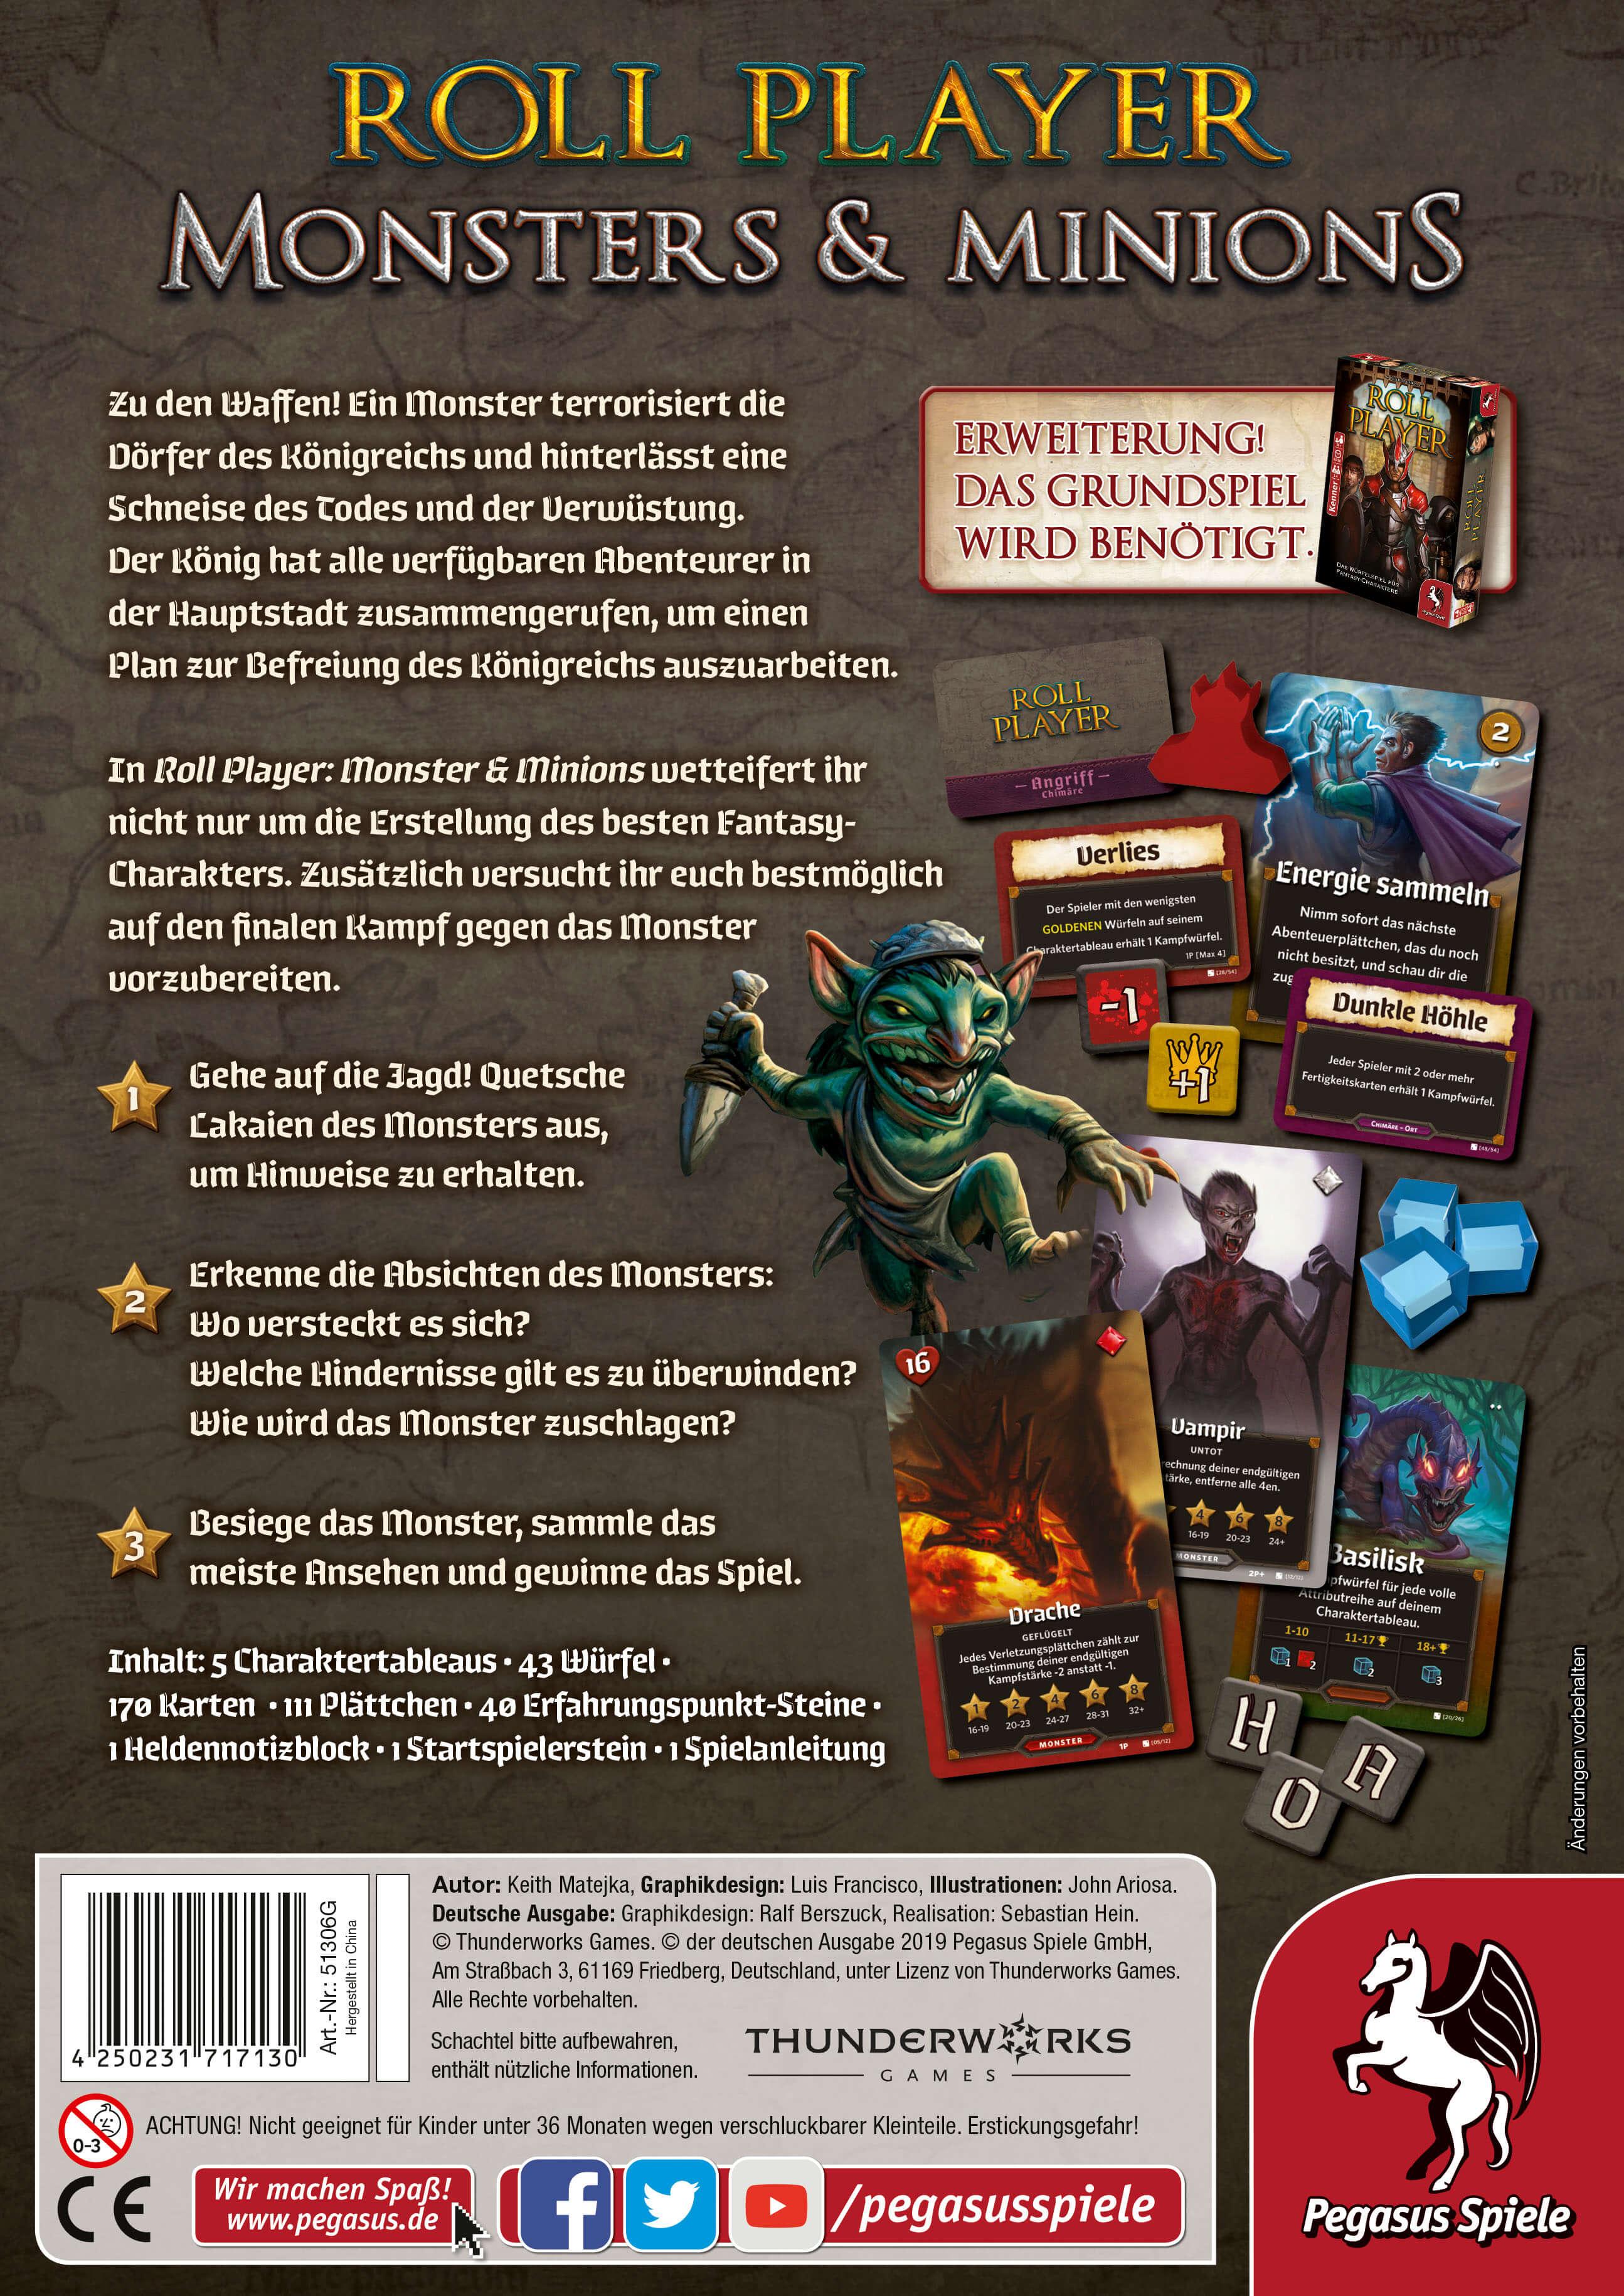 Schachtel Rückseite- Roll Player: Monsters & Minions